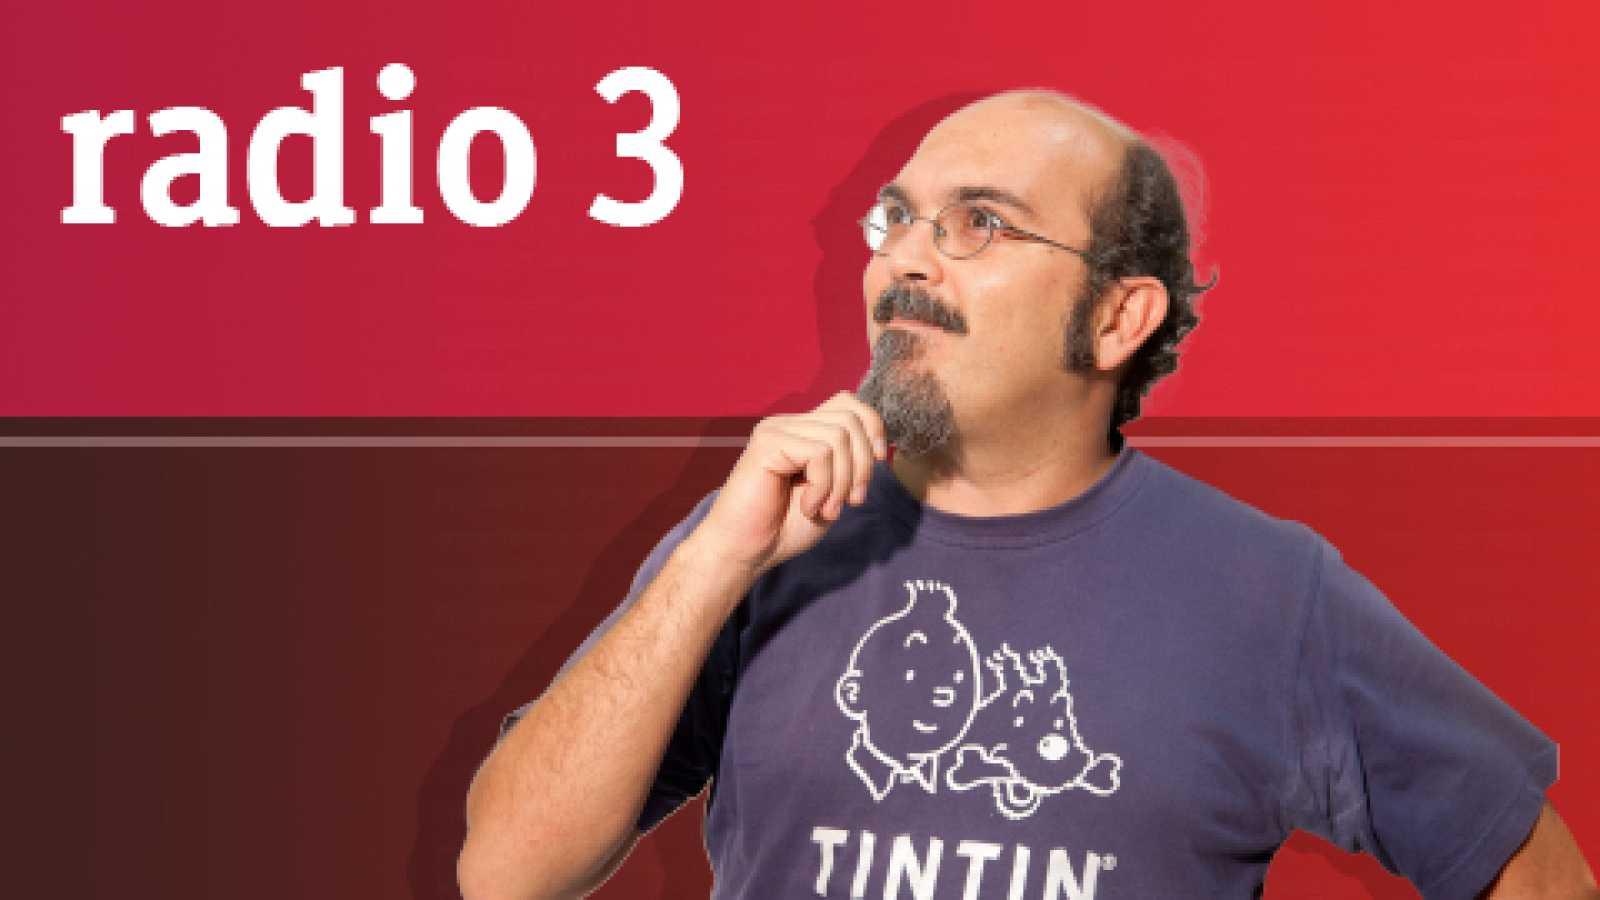 La libélula - Revista Litoral #267 El Automóvil III - 16/08/19 - escuchar ahora